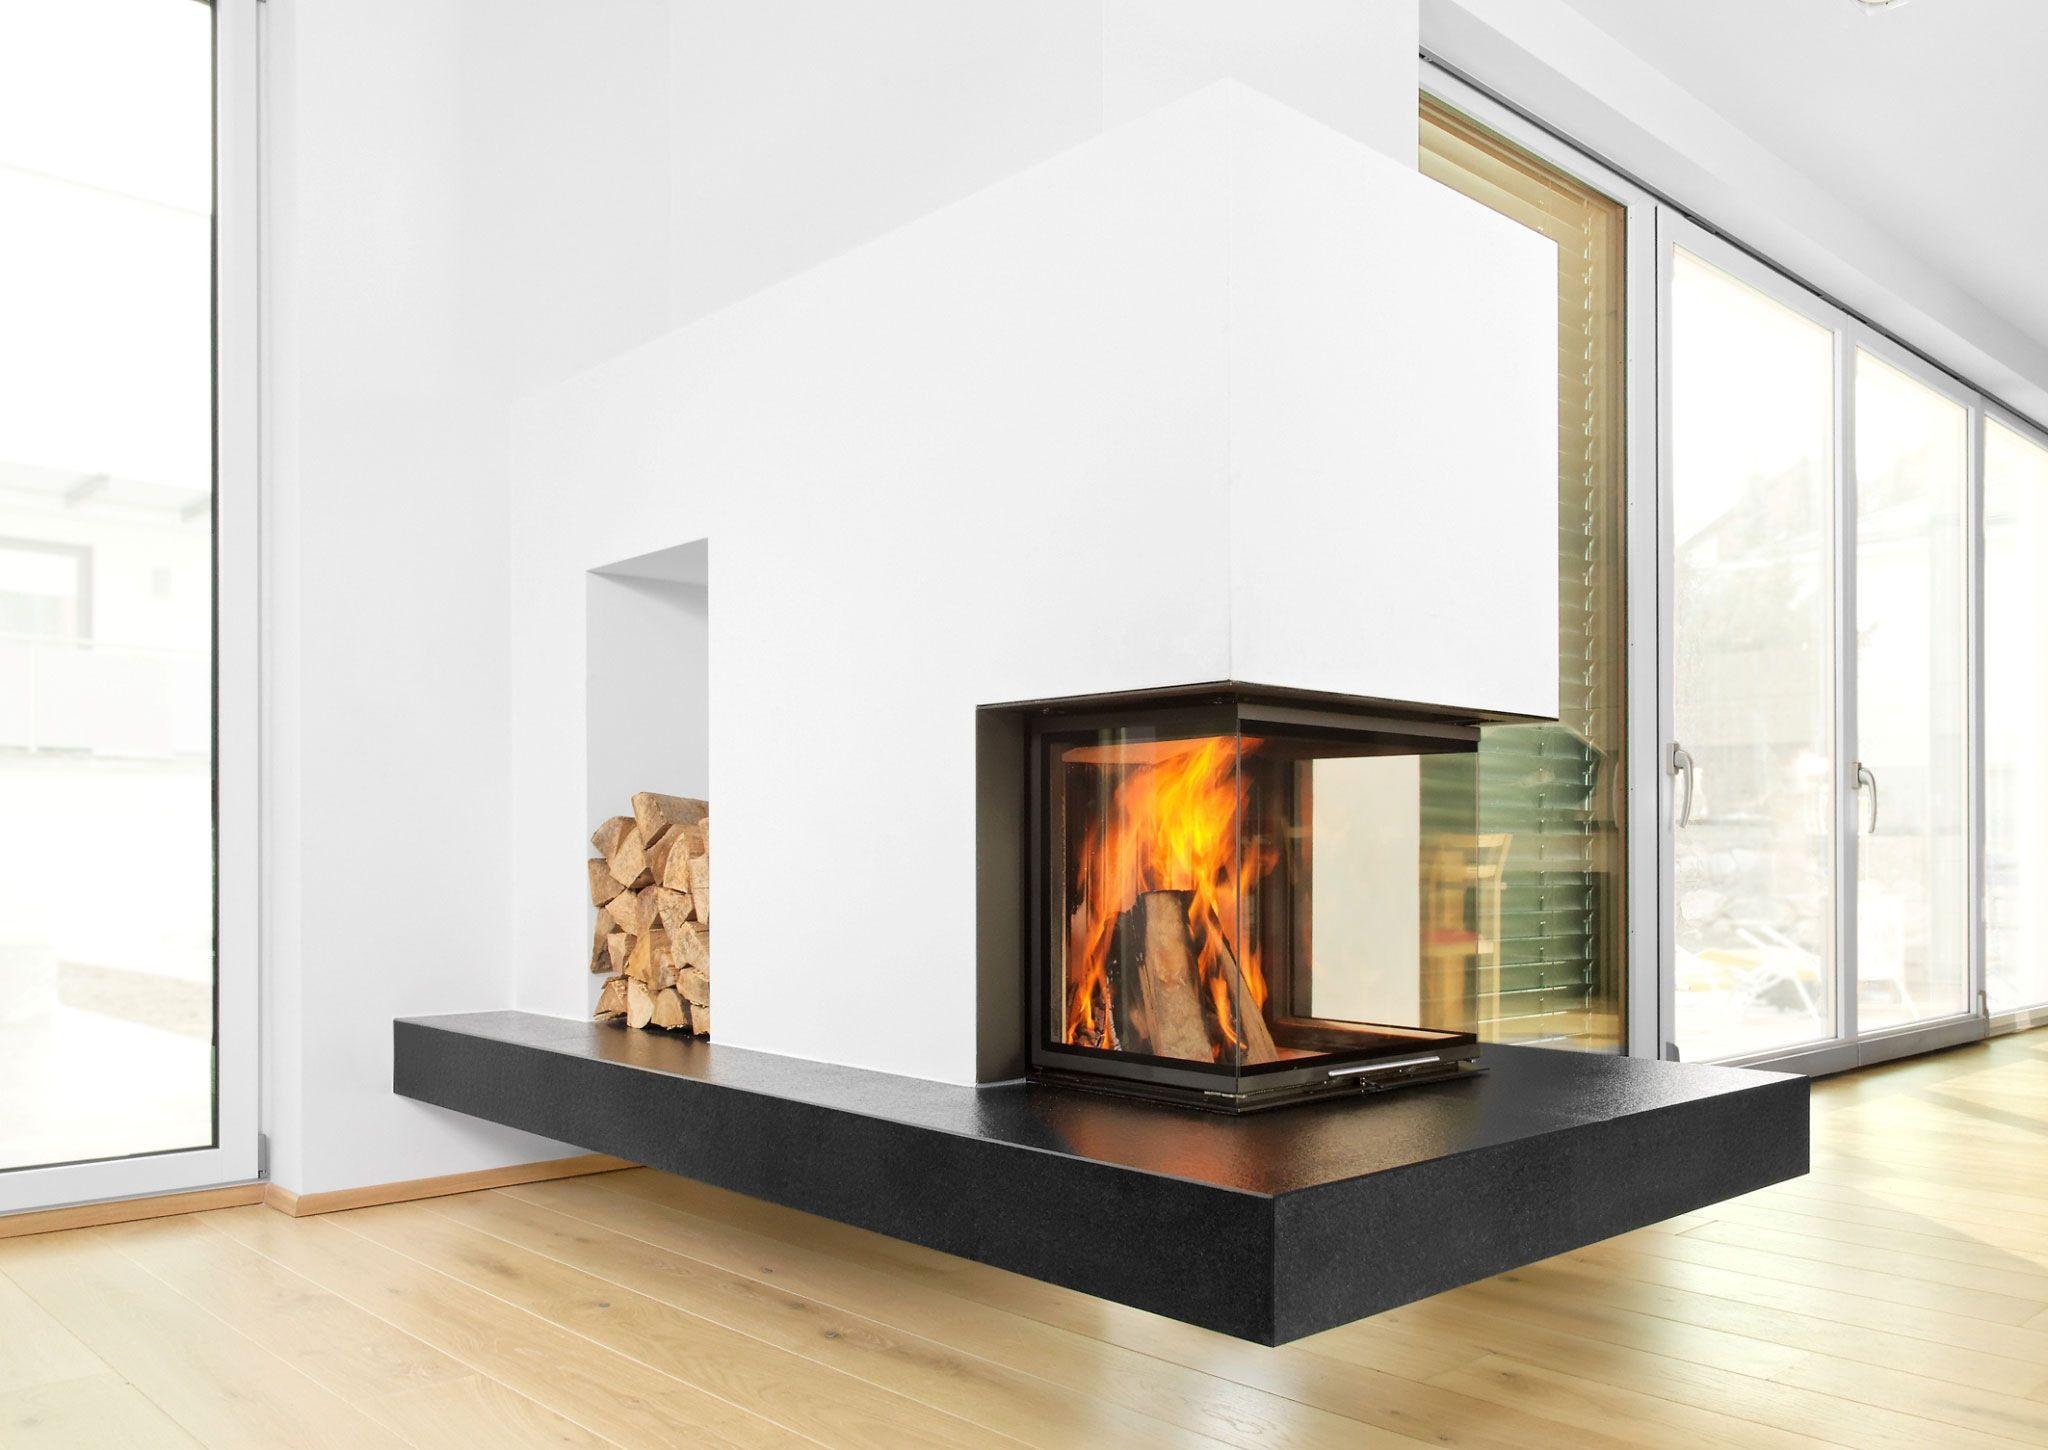 Kamine und Kaminöfen von Brunner stehen für höchste Qualität und geringste Emissionen Ein Brunner Kamin bzw Kaminofen ist made in Germany